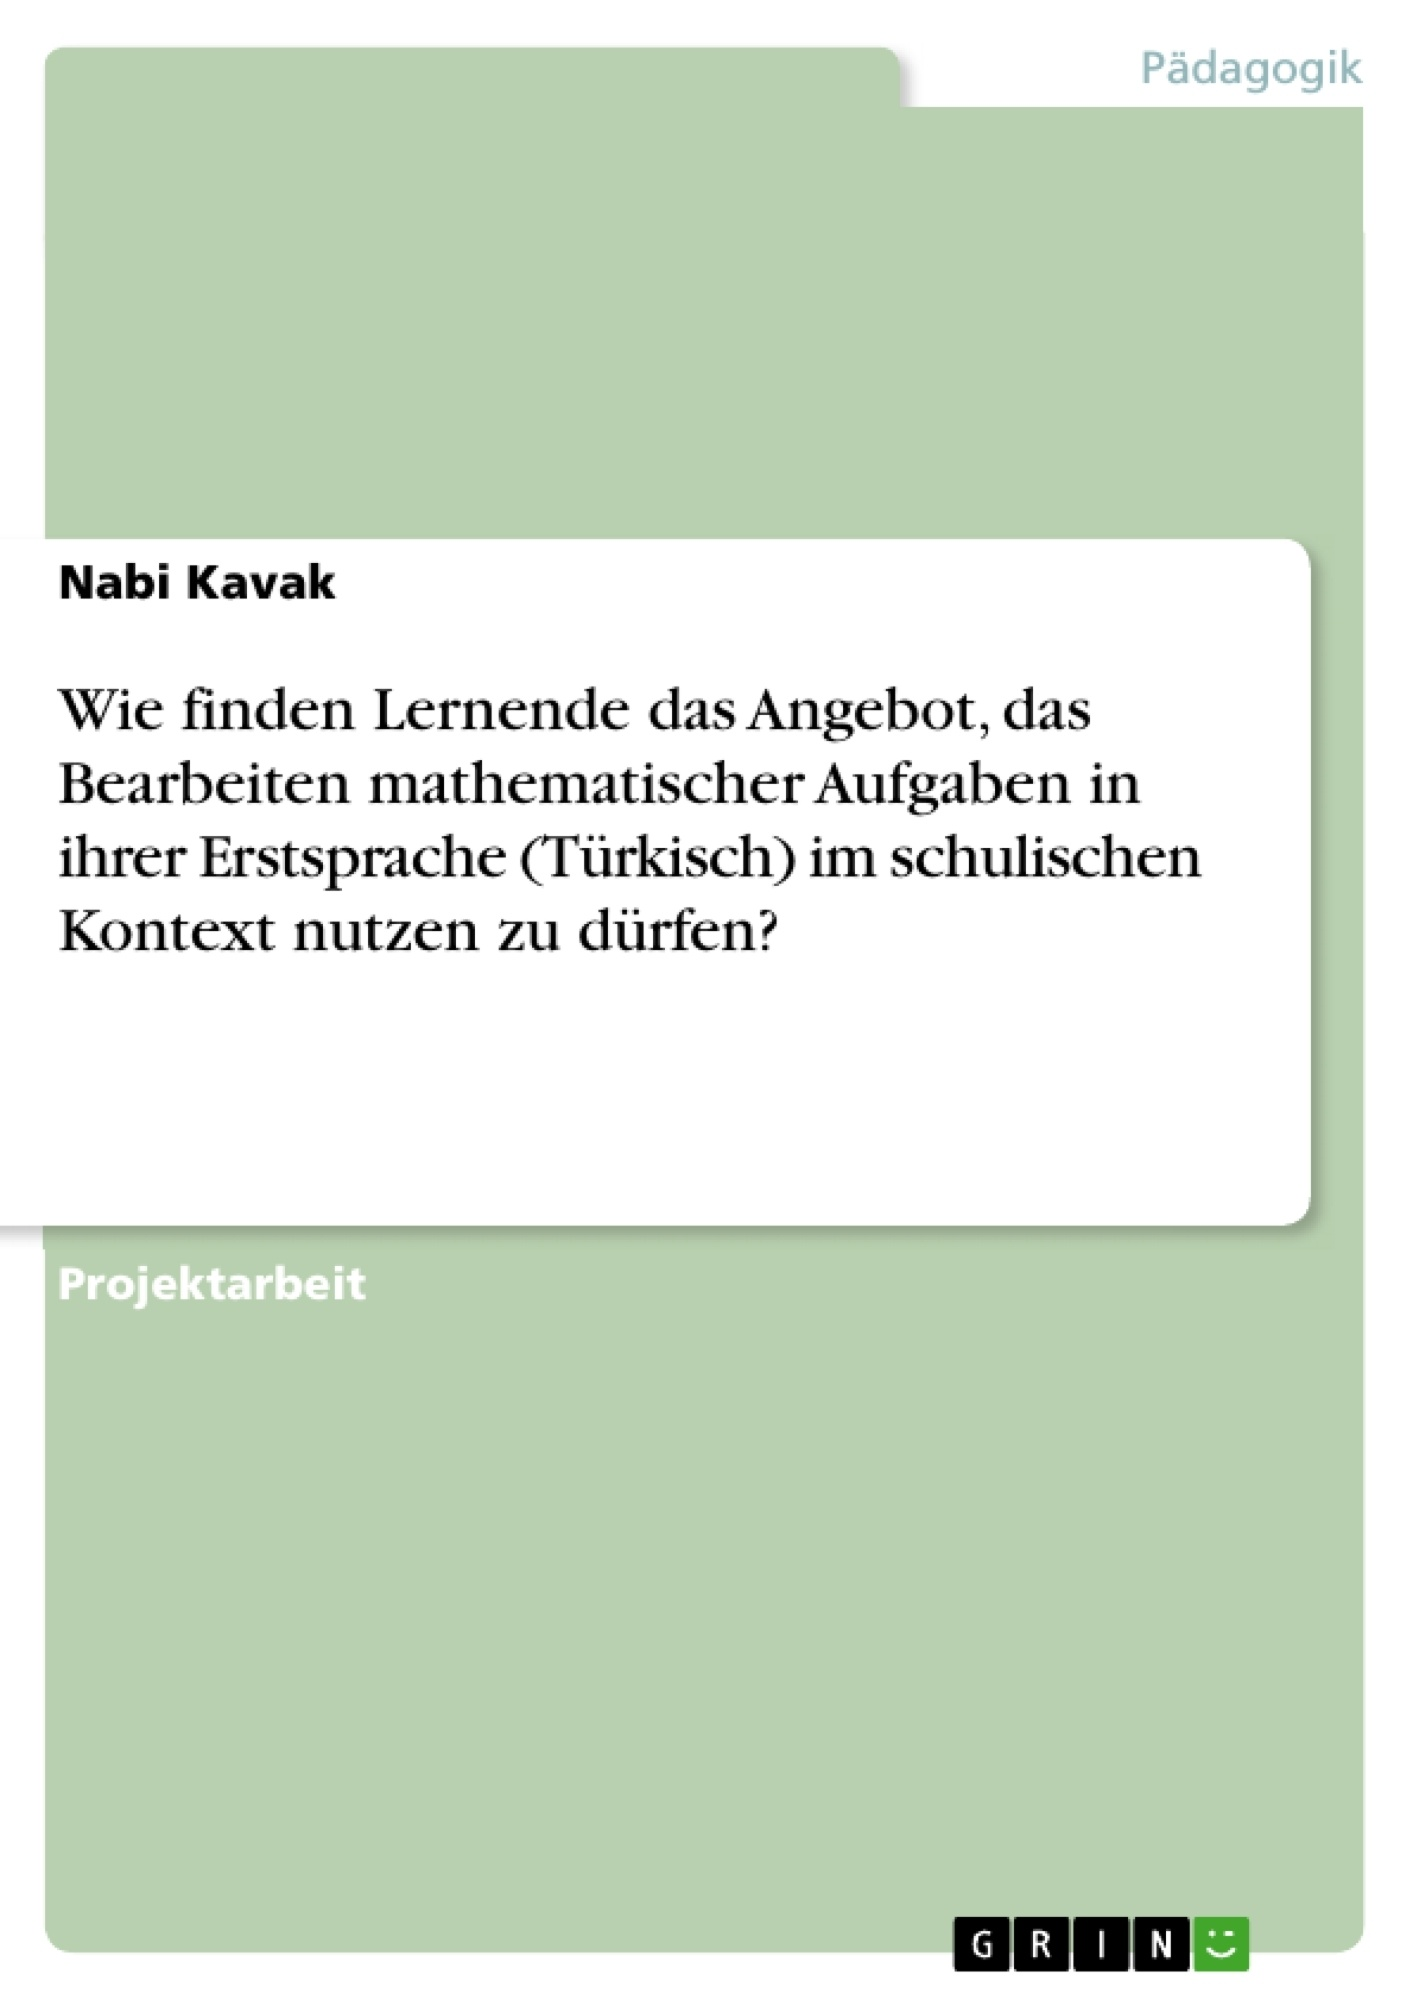 Titel: Wie finden Lernende das Angebot, das Bearbeiten mathematischer Aufgaben in ihrer Erstsprache (Türkisch) im schulischen Kontext nutzen zu dürfen?